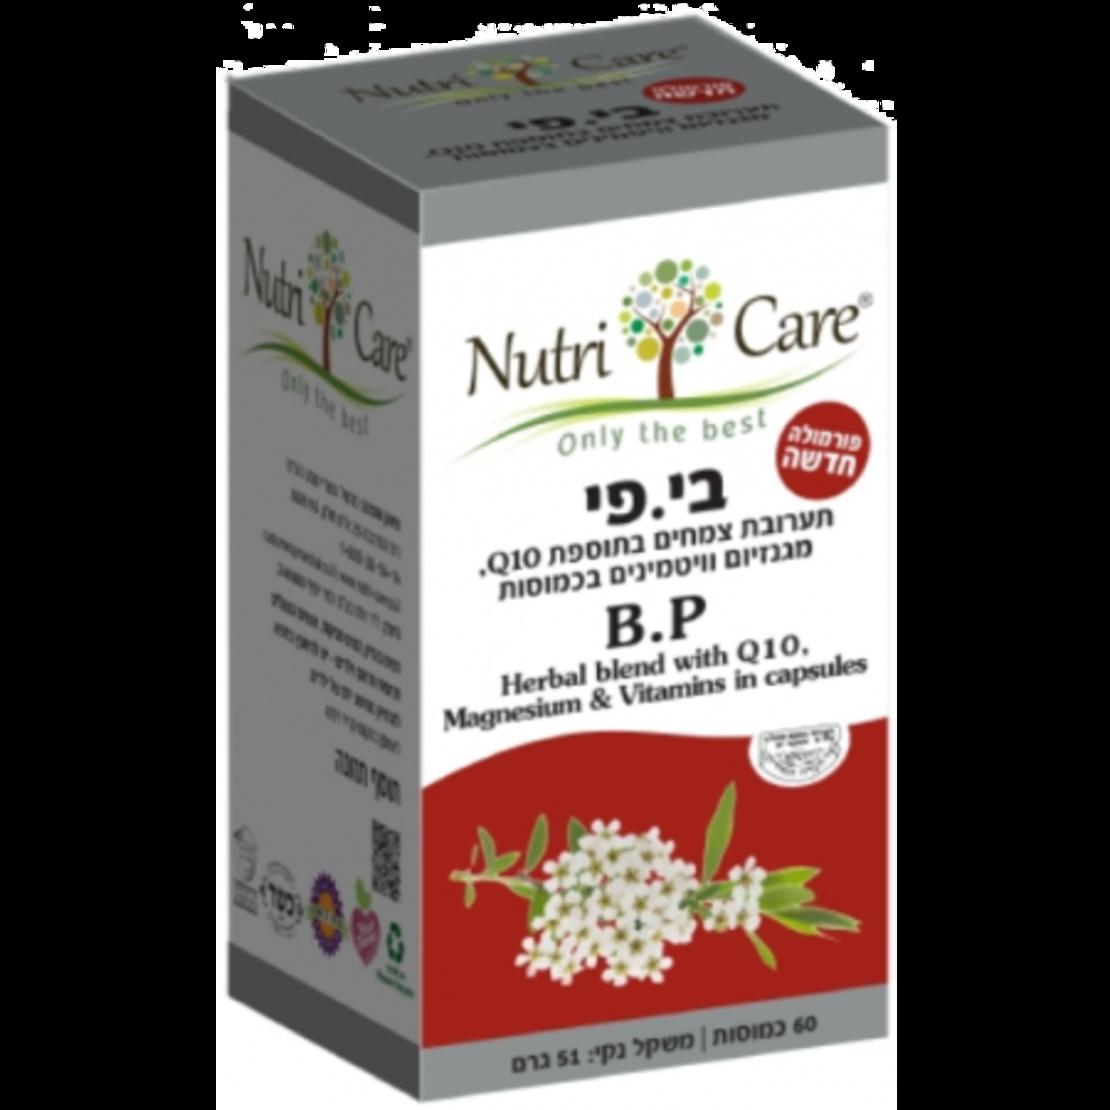 נוטרי קר - בי.פי | Nutri Care - B.P